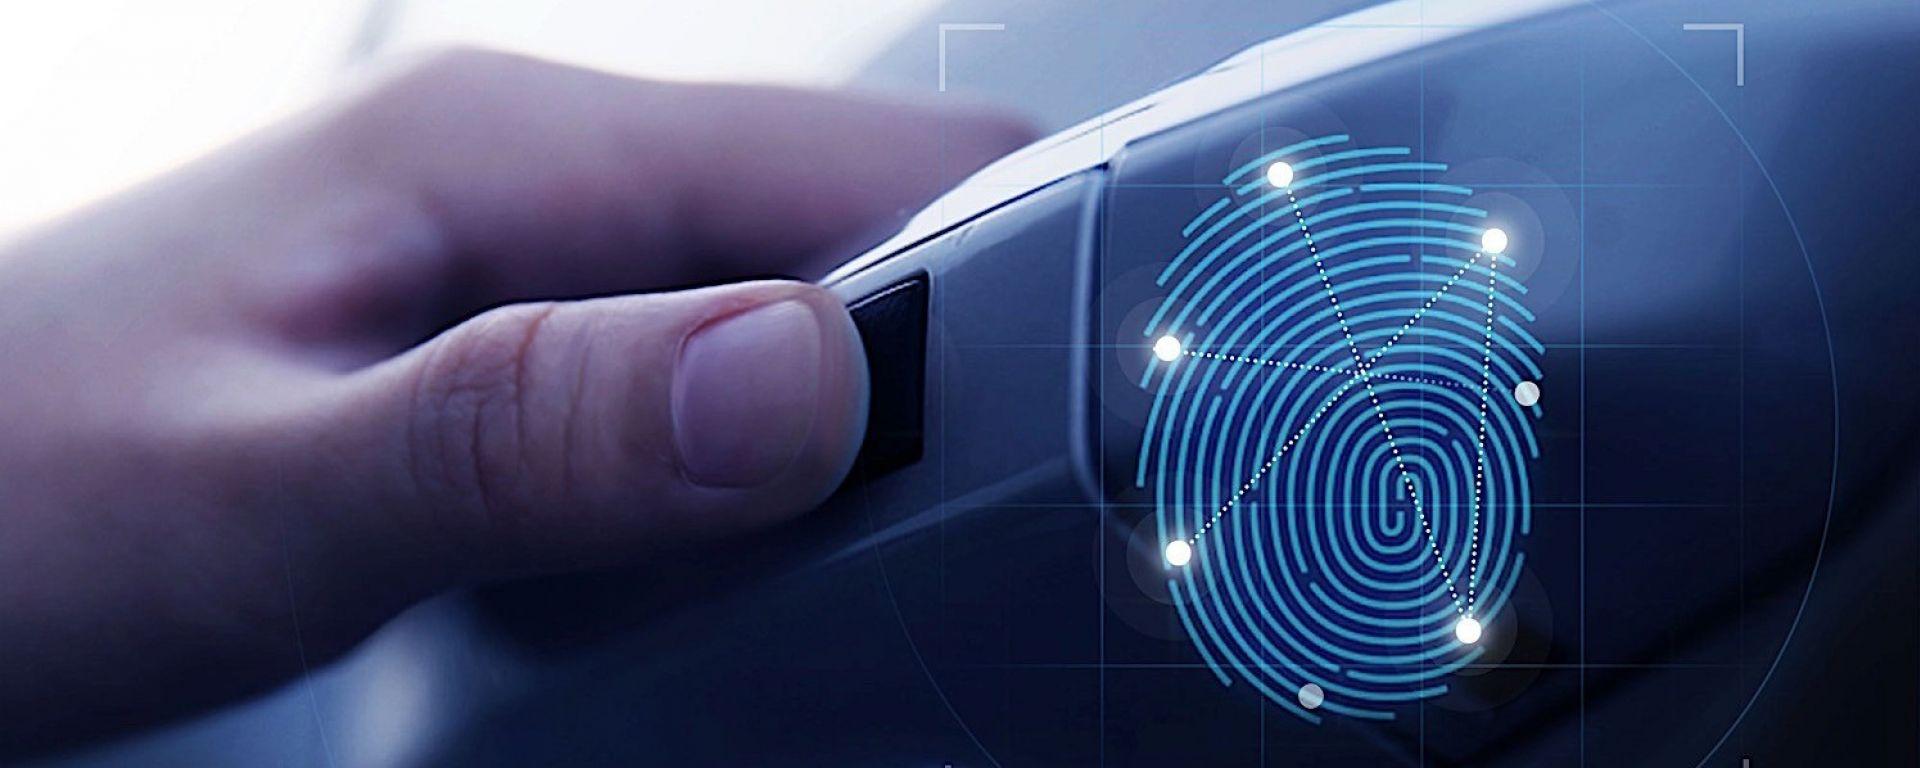 Hyundai Santa Fe: nel 2019 con serrature a impronte digitali